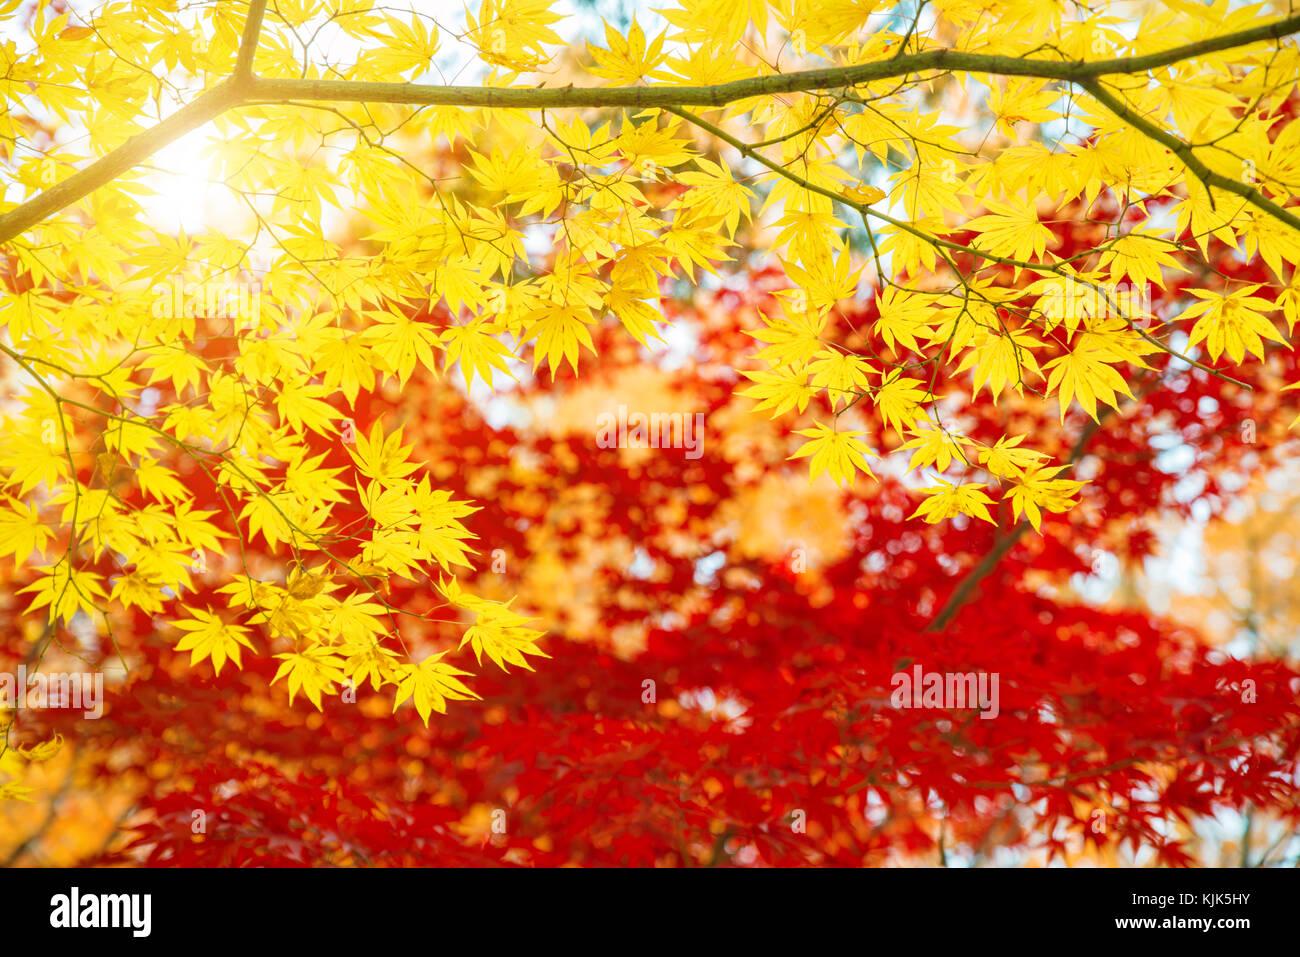 Rosso e Giallo di foglie di acero in autunno con cielo azzurro sfondo sfocato, preso dal Giappone. Immagini Stock